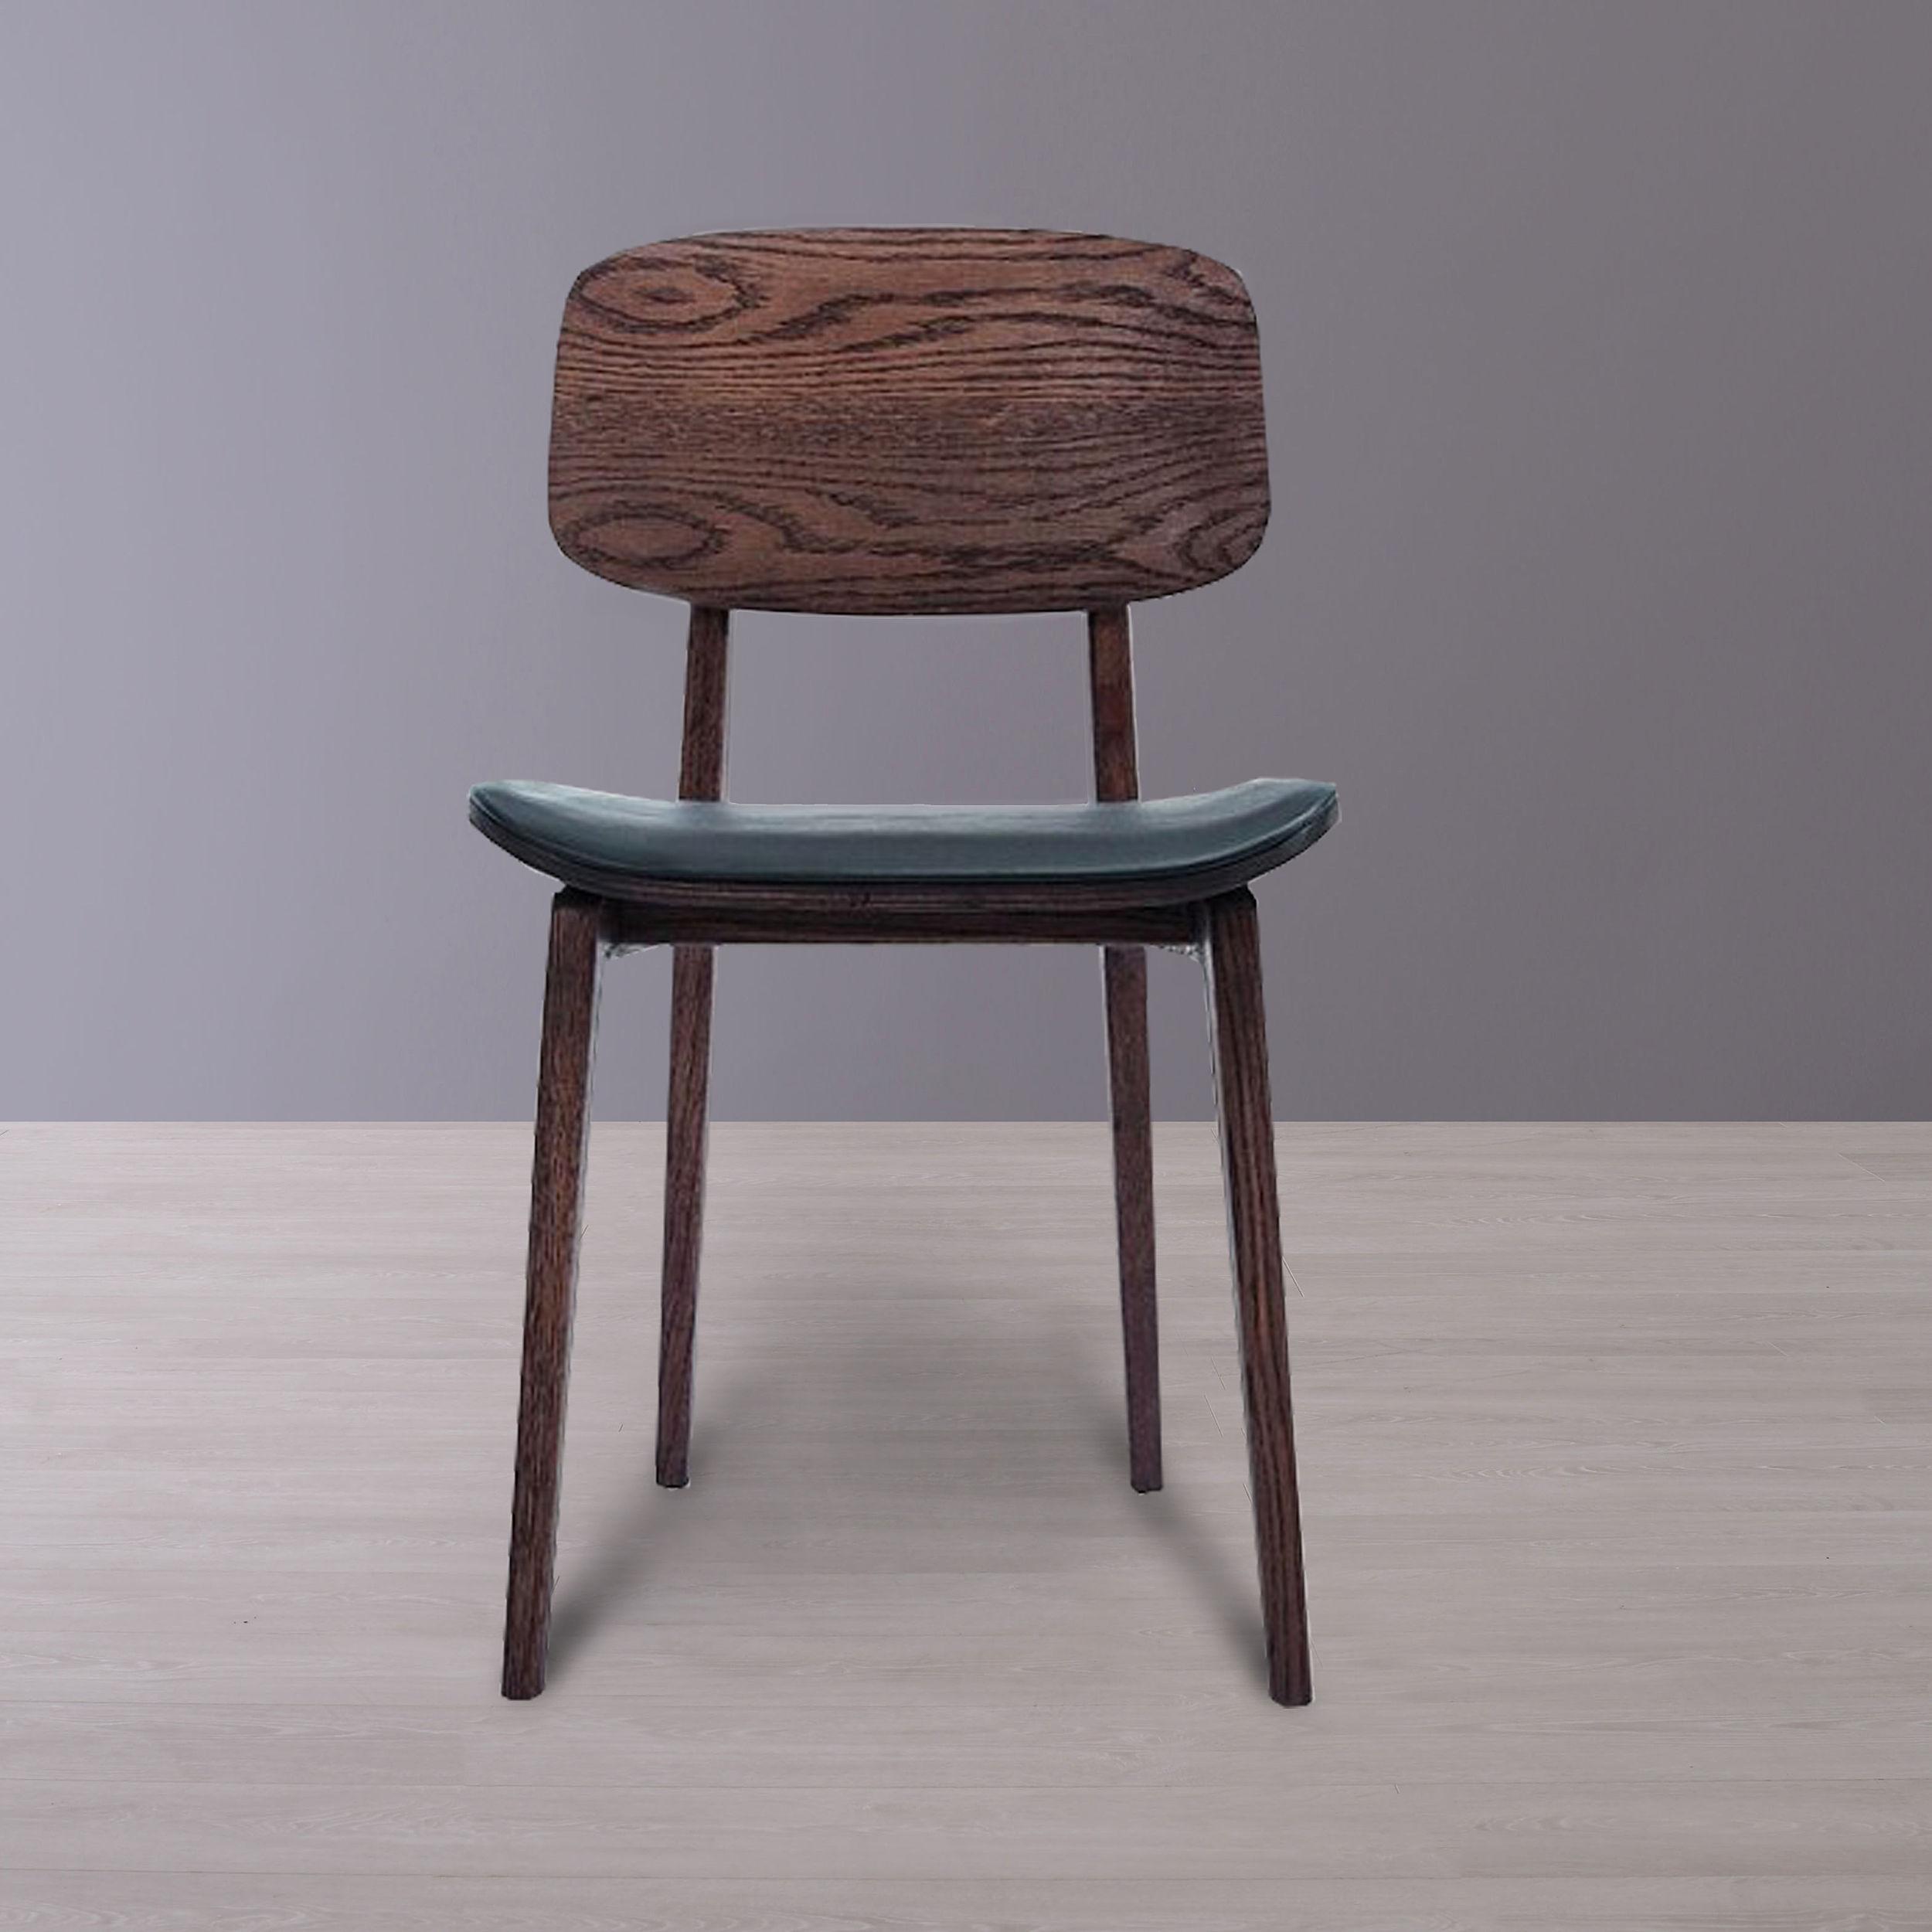 Krzesło Drewniane W Ciemnym Wybarwieniu Ze Skórzanym Obiciem